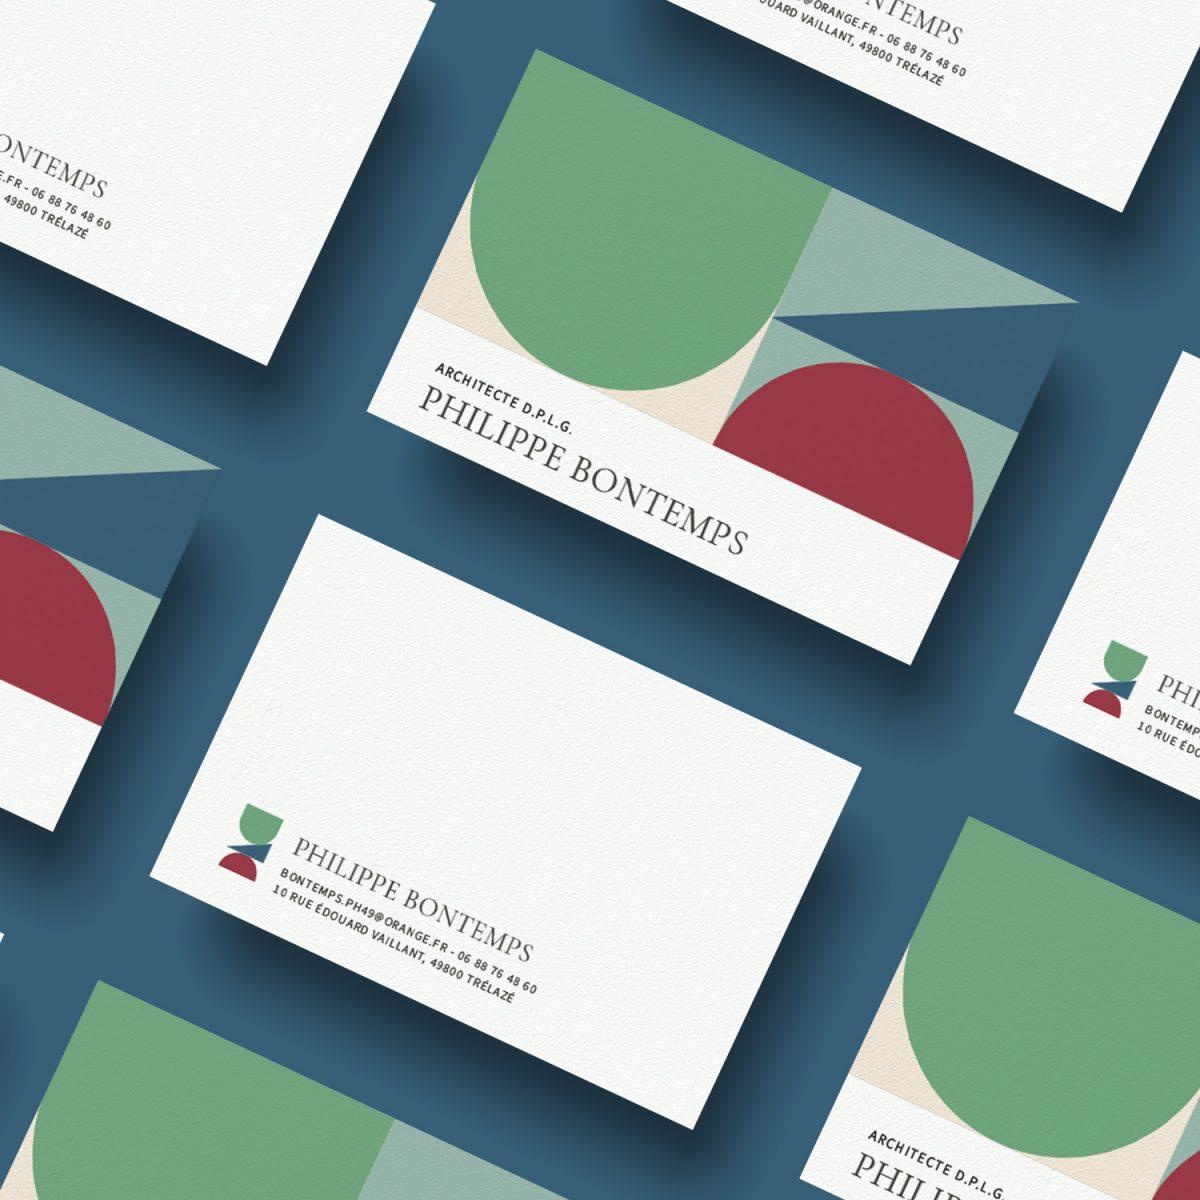 Carte de visite visuel numéro 2, jeux de construction et déconstruction, constructivisme, couleur, typo avec serif